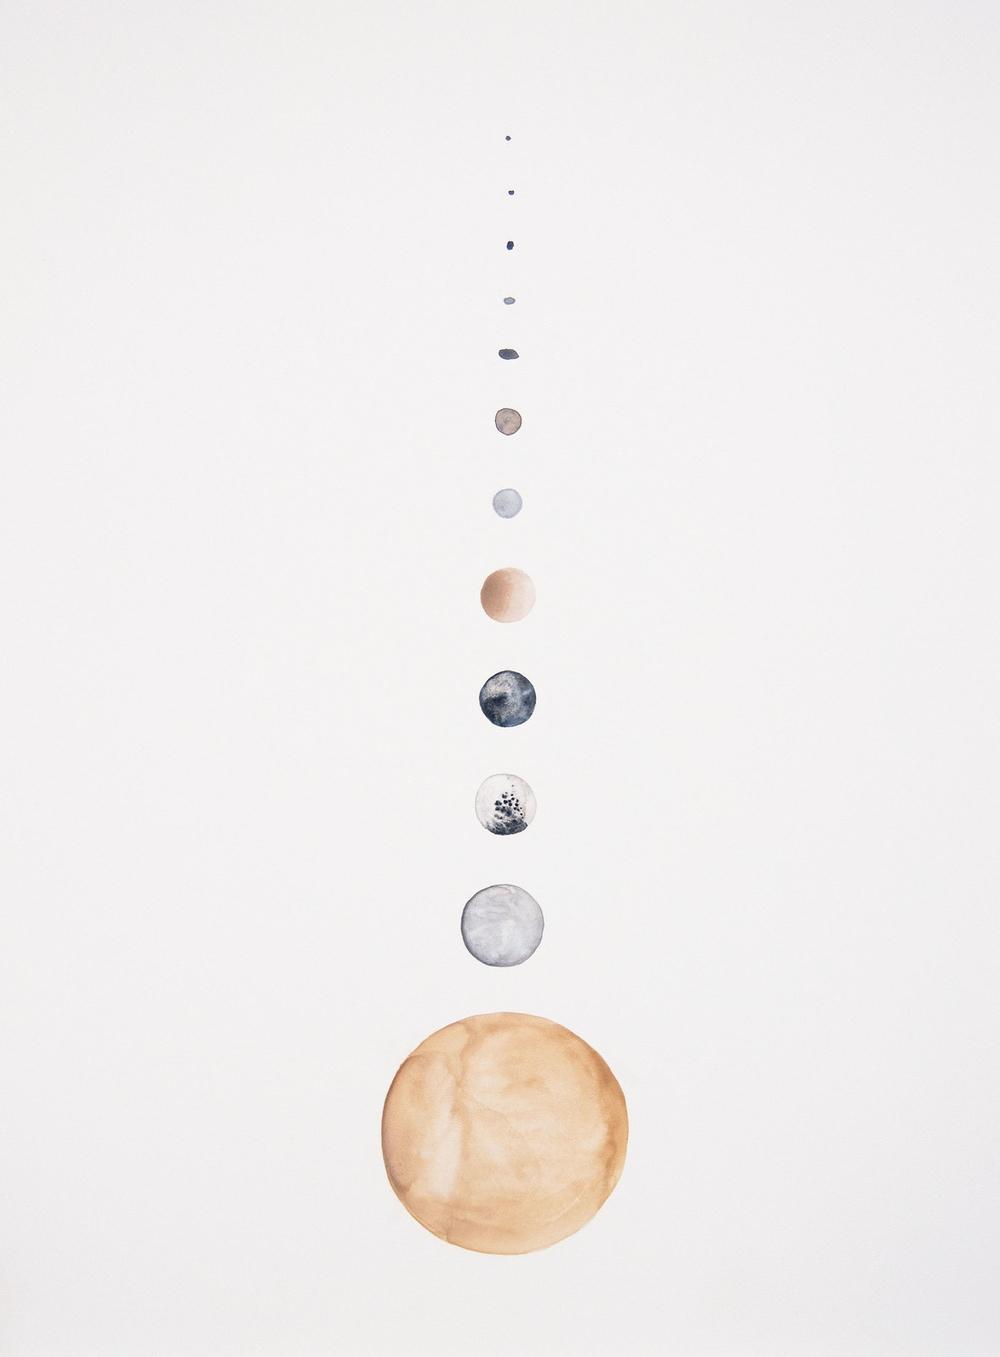 moons of saturn (1 of 1).jpg